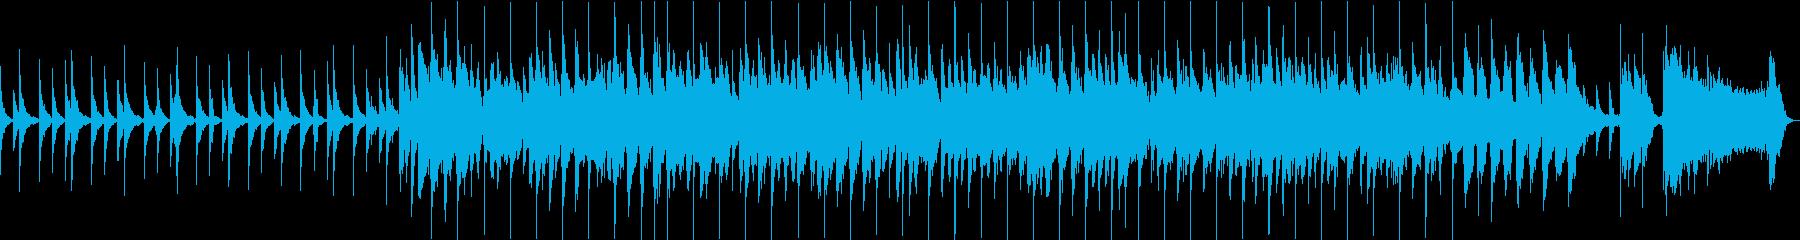 ピアノメインの明るい曲の再生済みの波形